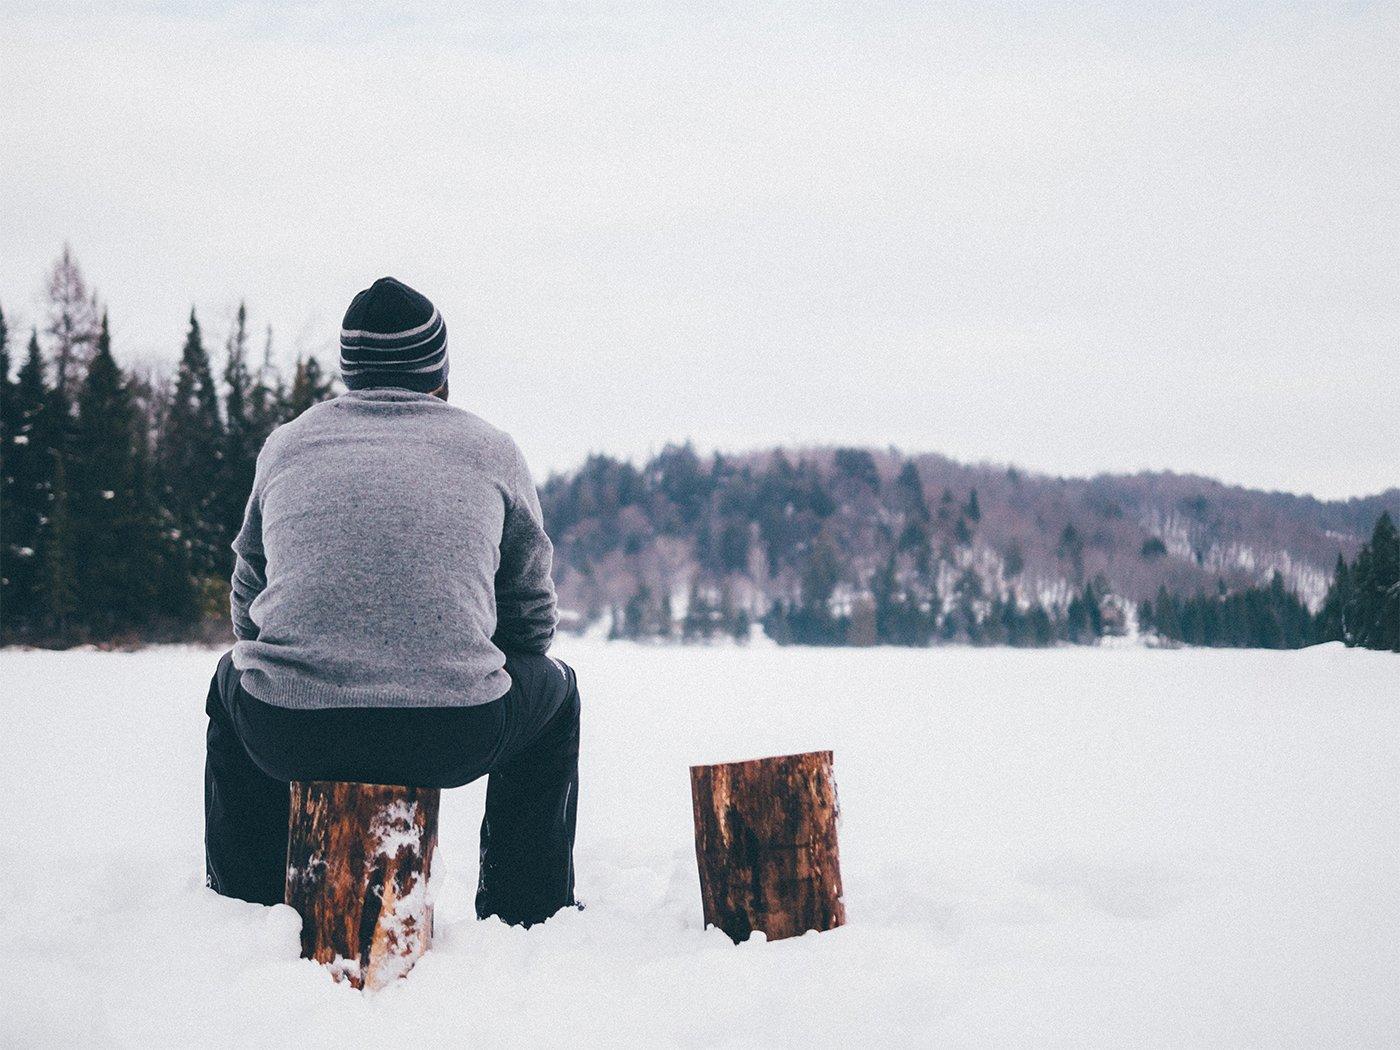 Urlaubsziele Januar Wohnmobil Schnee Einsamkeit